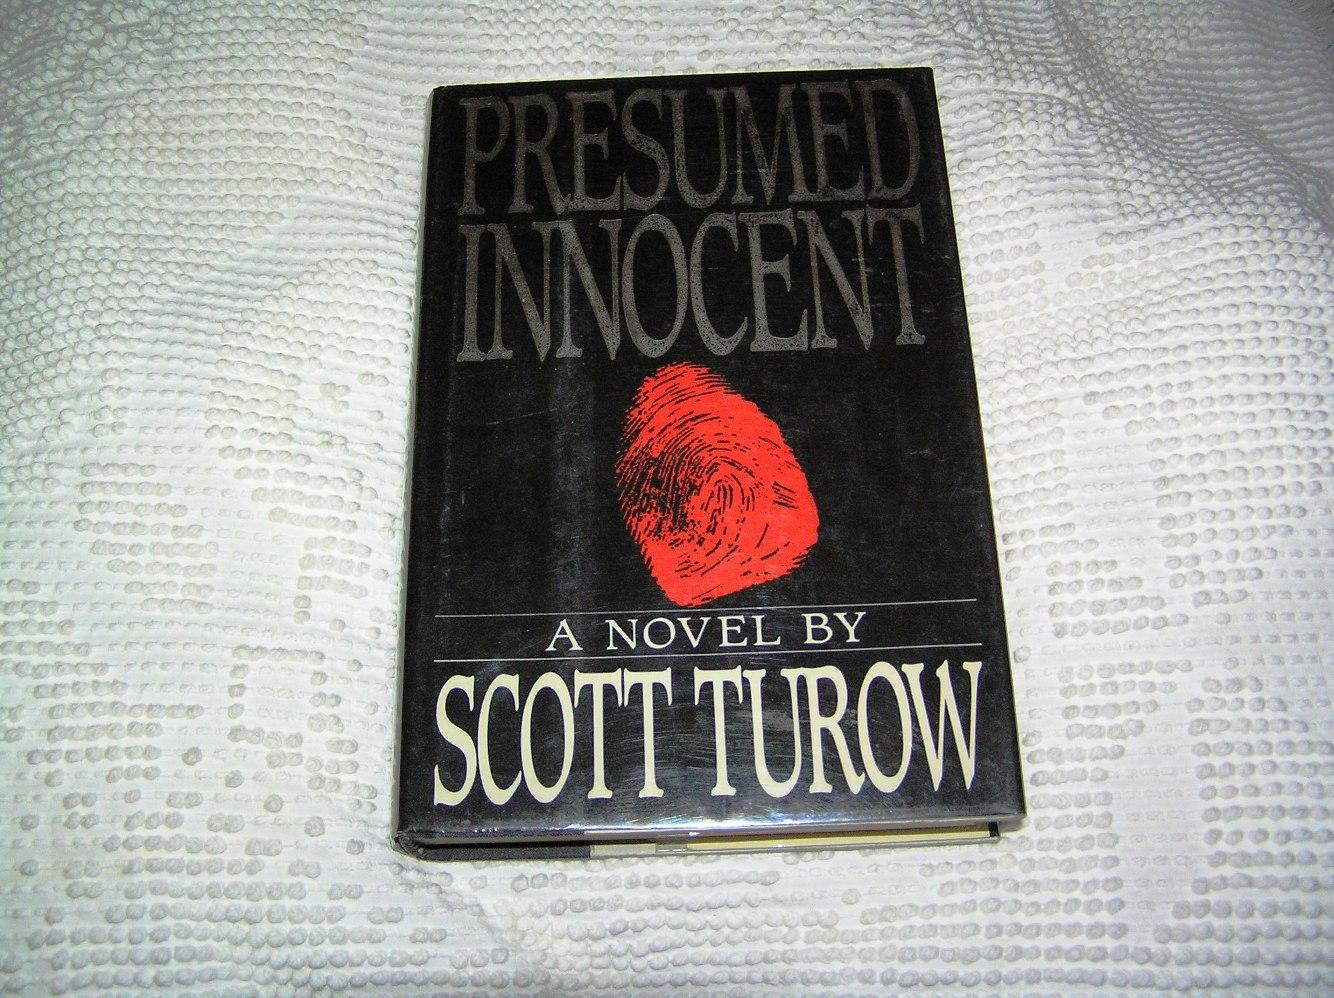 olympus digital camera - Presumed Innocent Book